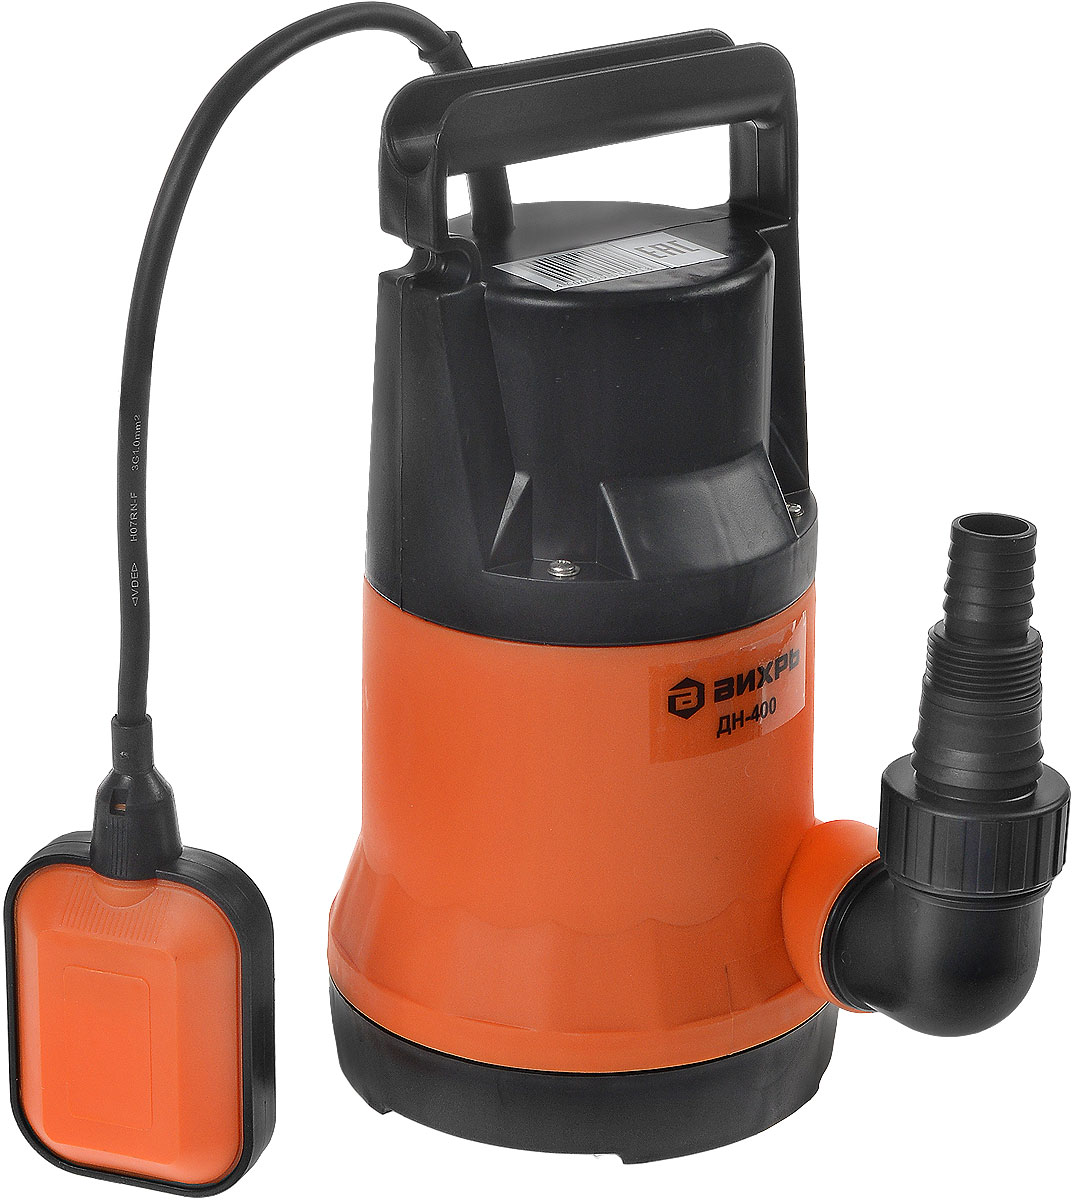 Дренажный насос Вихрь ДН-400 предназначен для перекачки чистых, дождевых, дренажных и грунтовых вод. Насос может использоваться для орошения или подачи воды из колодцев, открытых водоемов и других источников.